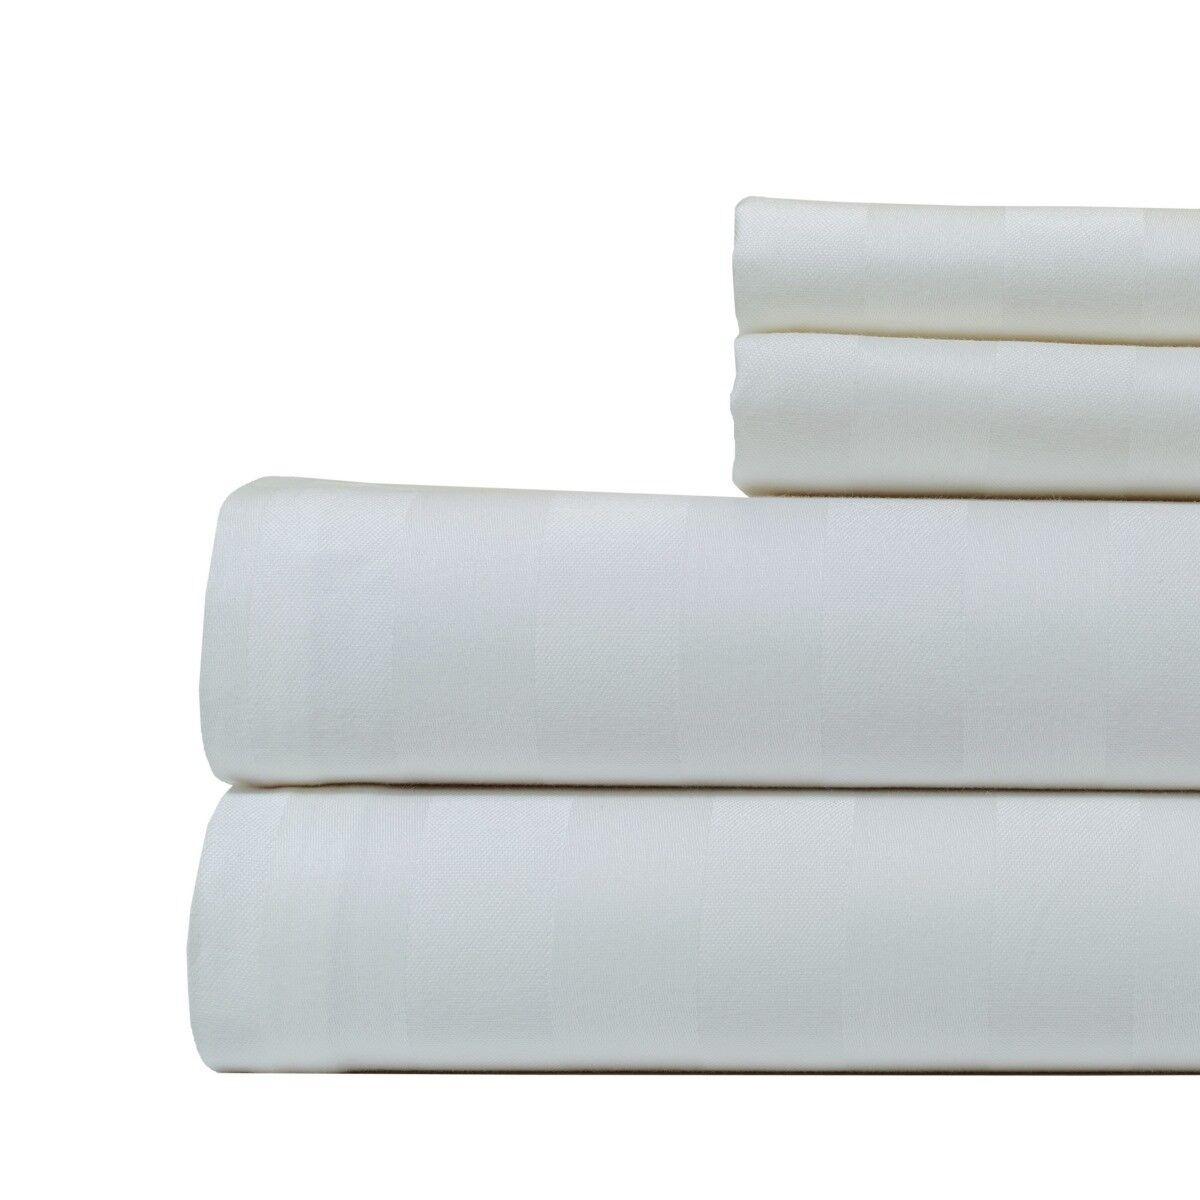 Aspire Linens Cotton 500 Thread Damask Stripe 4 Piece Sheet Set - Queen - White